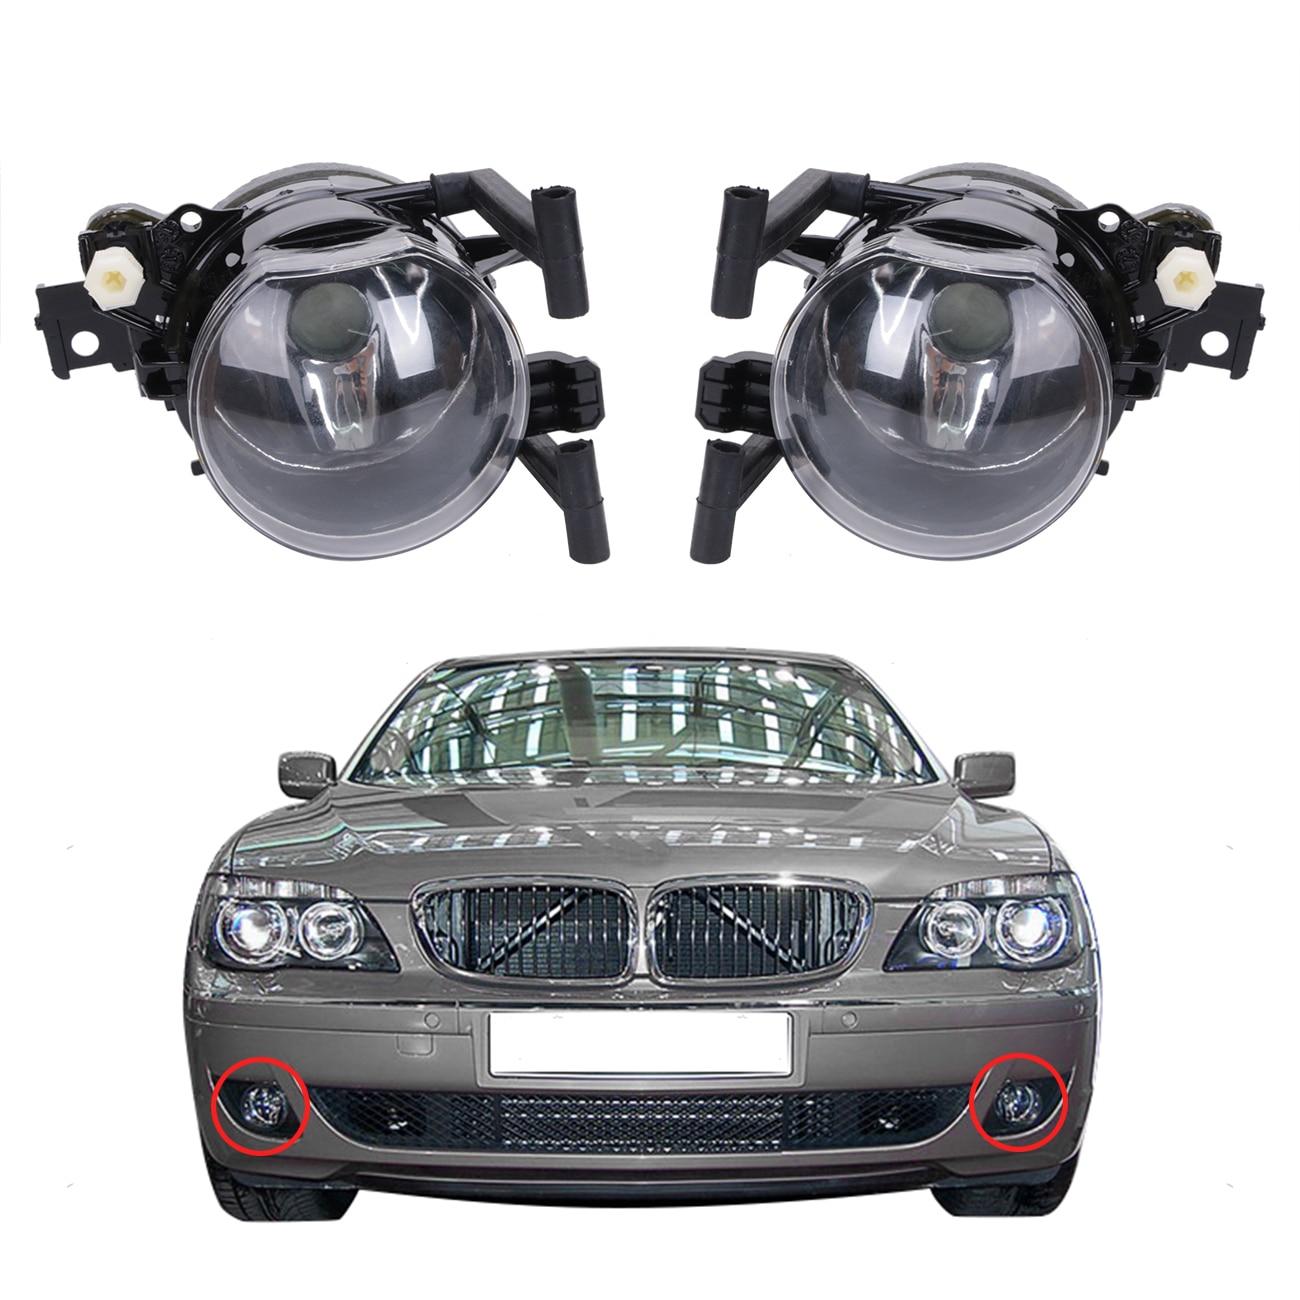 Для BMW 7 серии E65 E66 745 750 760 Facelift 2005 - 2008 - Автозапчасти - Фотография 1